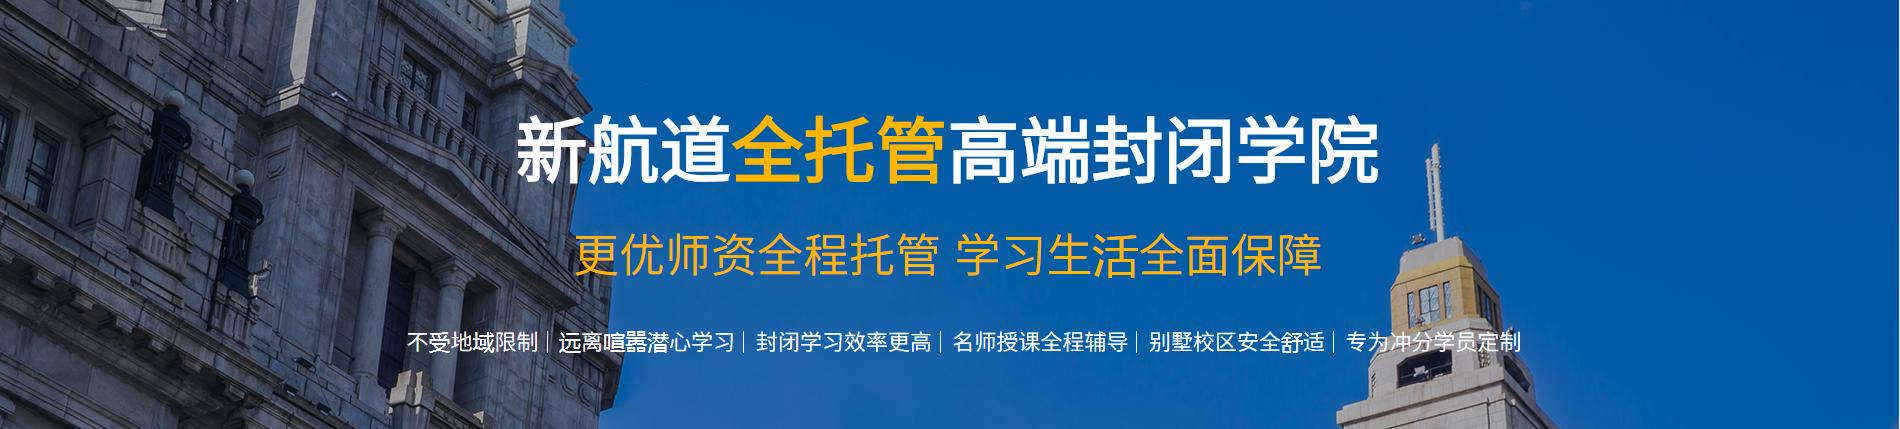 北京新航道全封闭学院英语培训